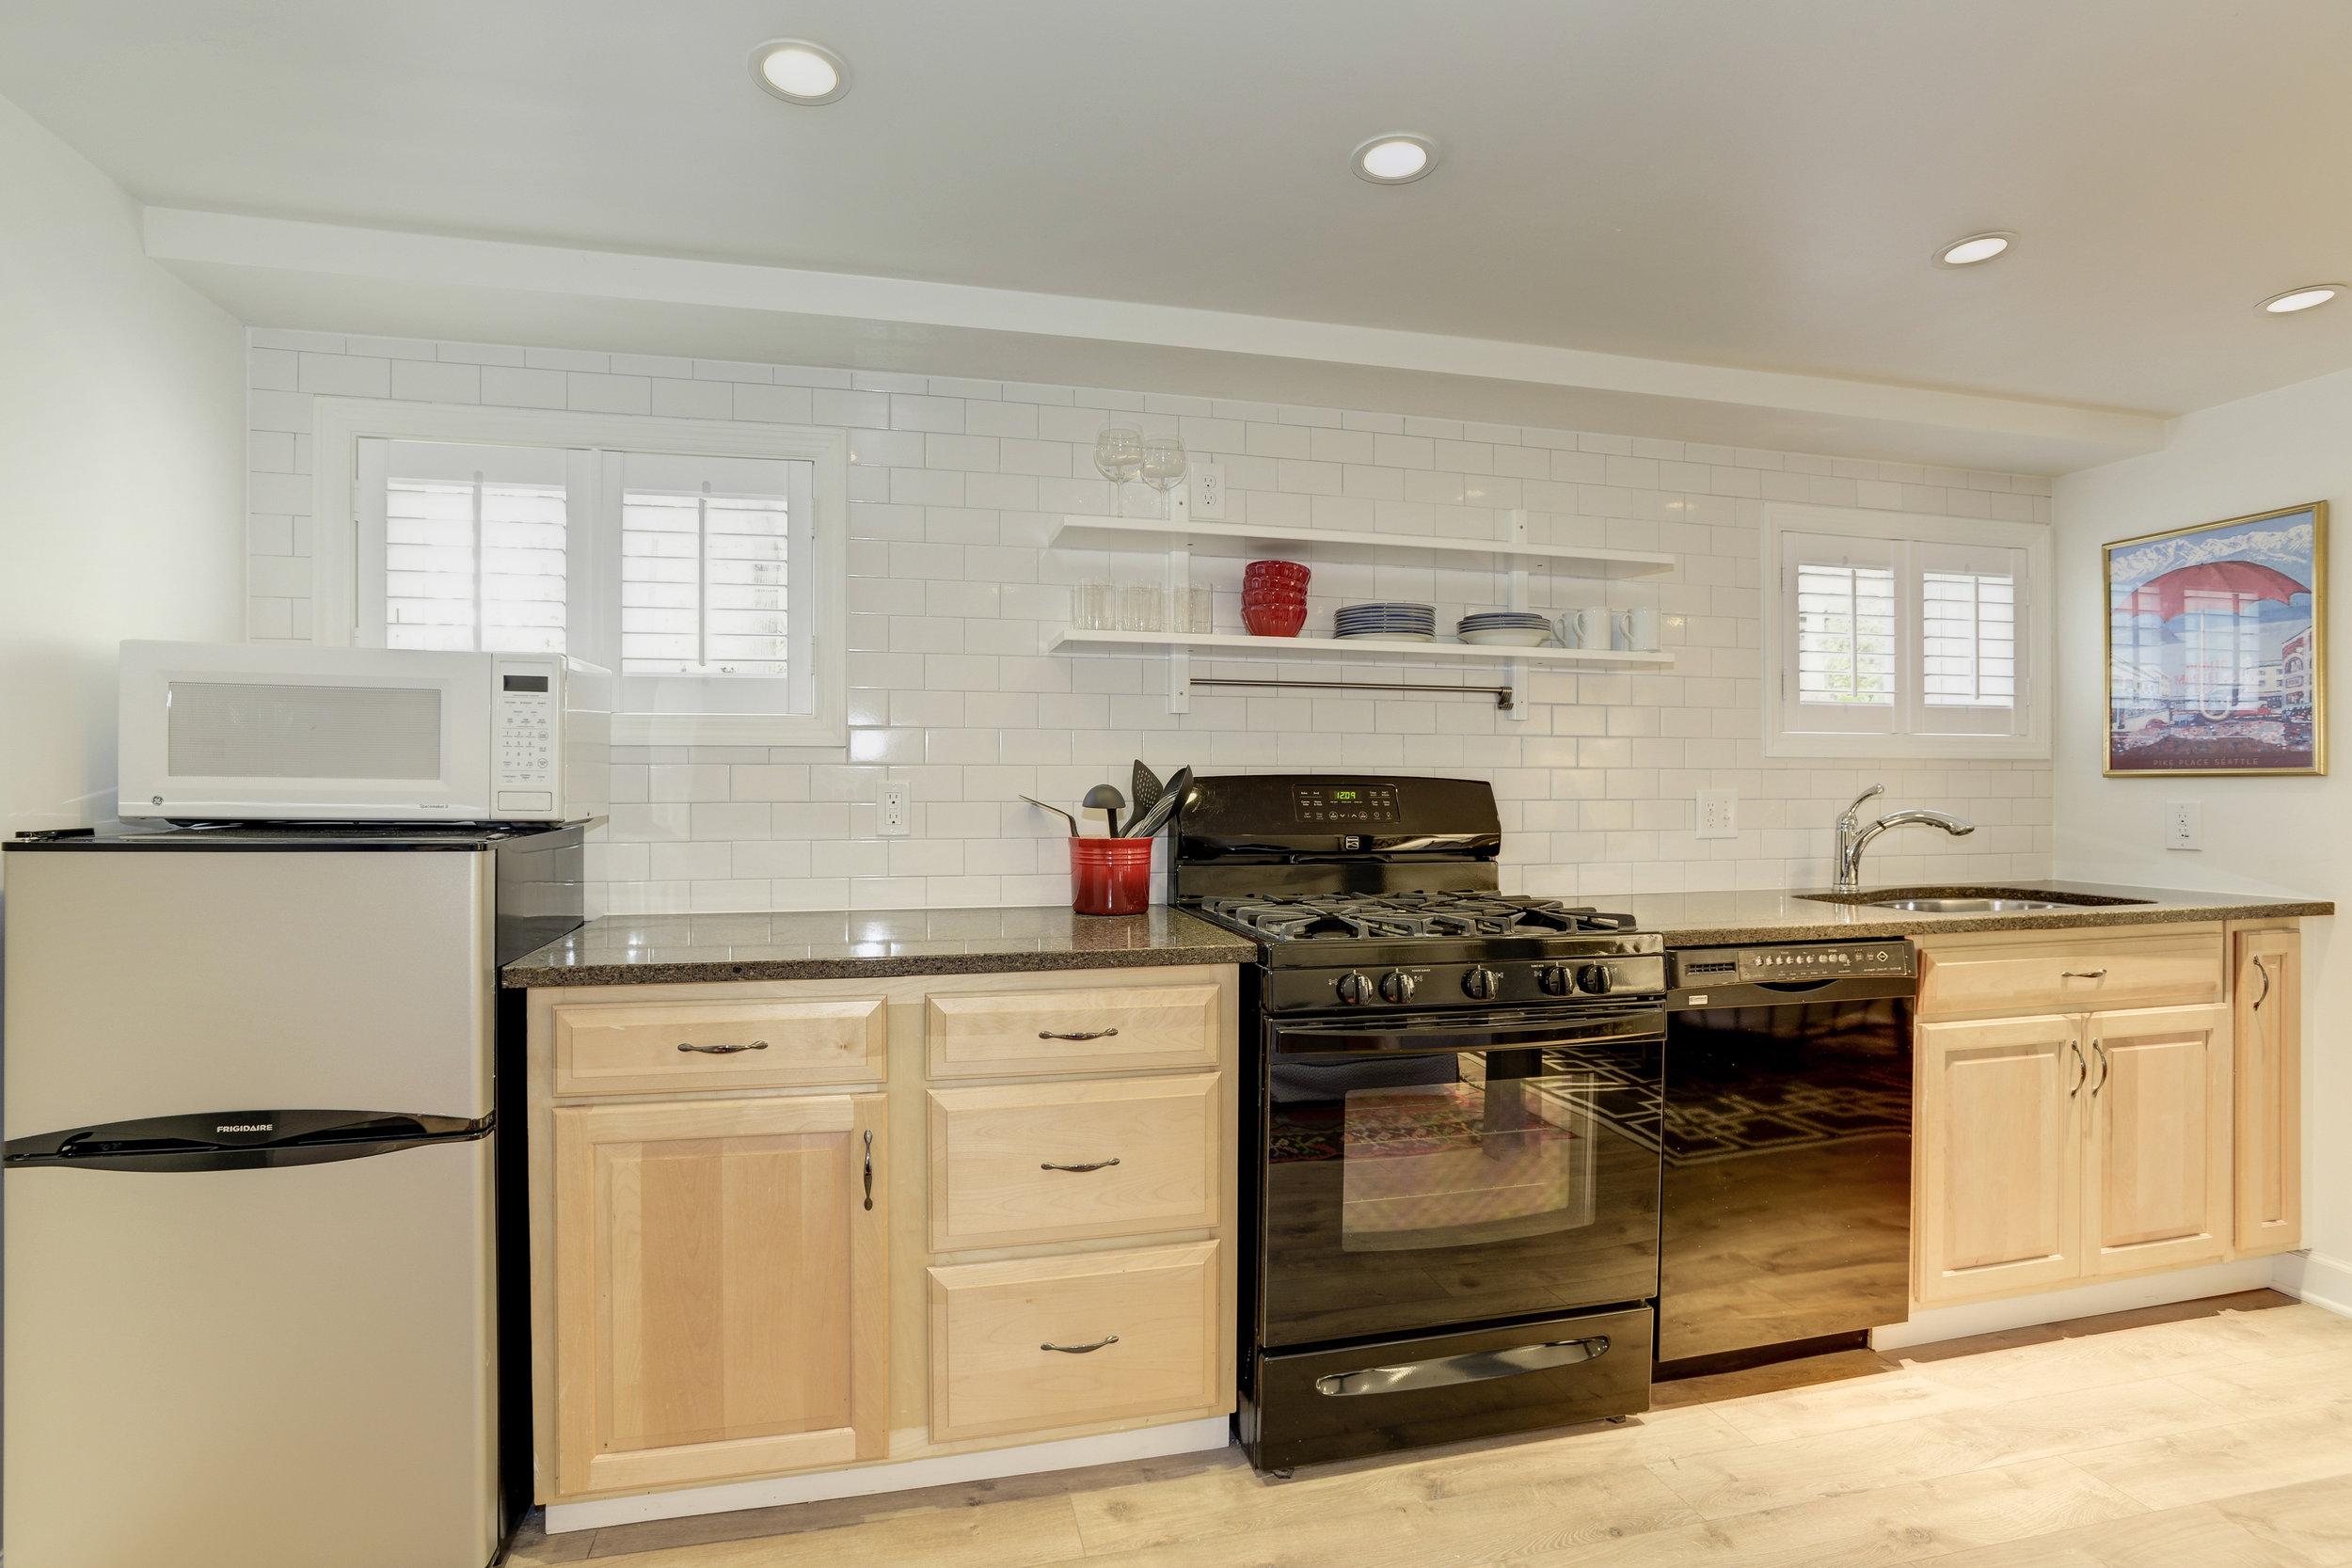 Basement Kitchen 2.jpg